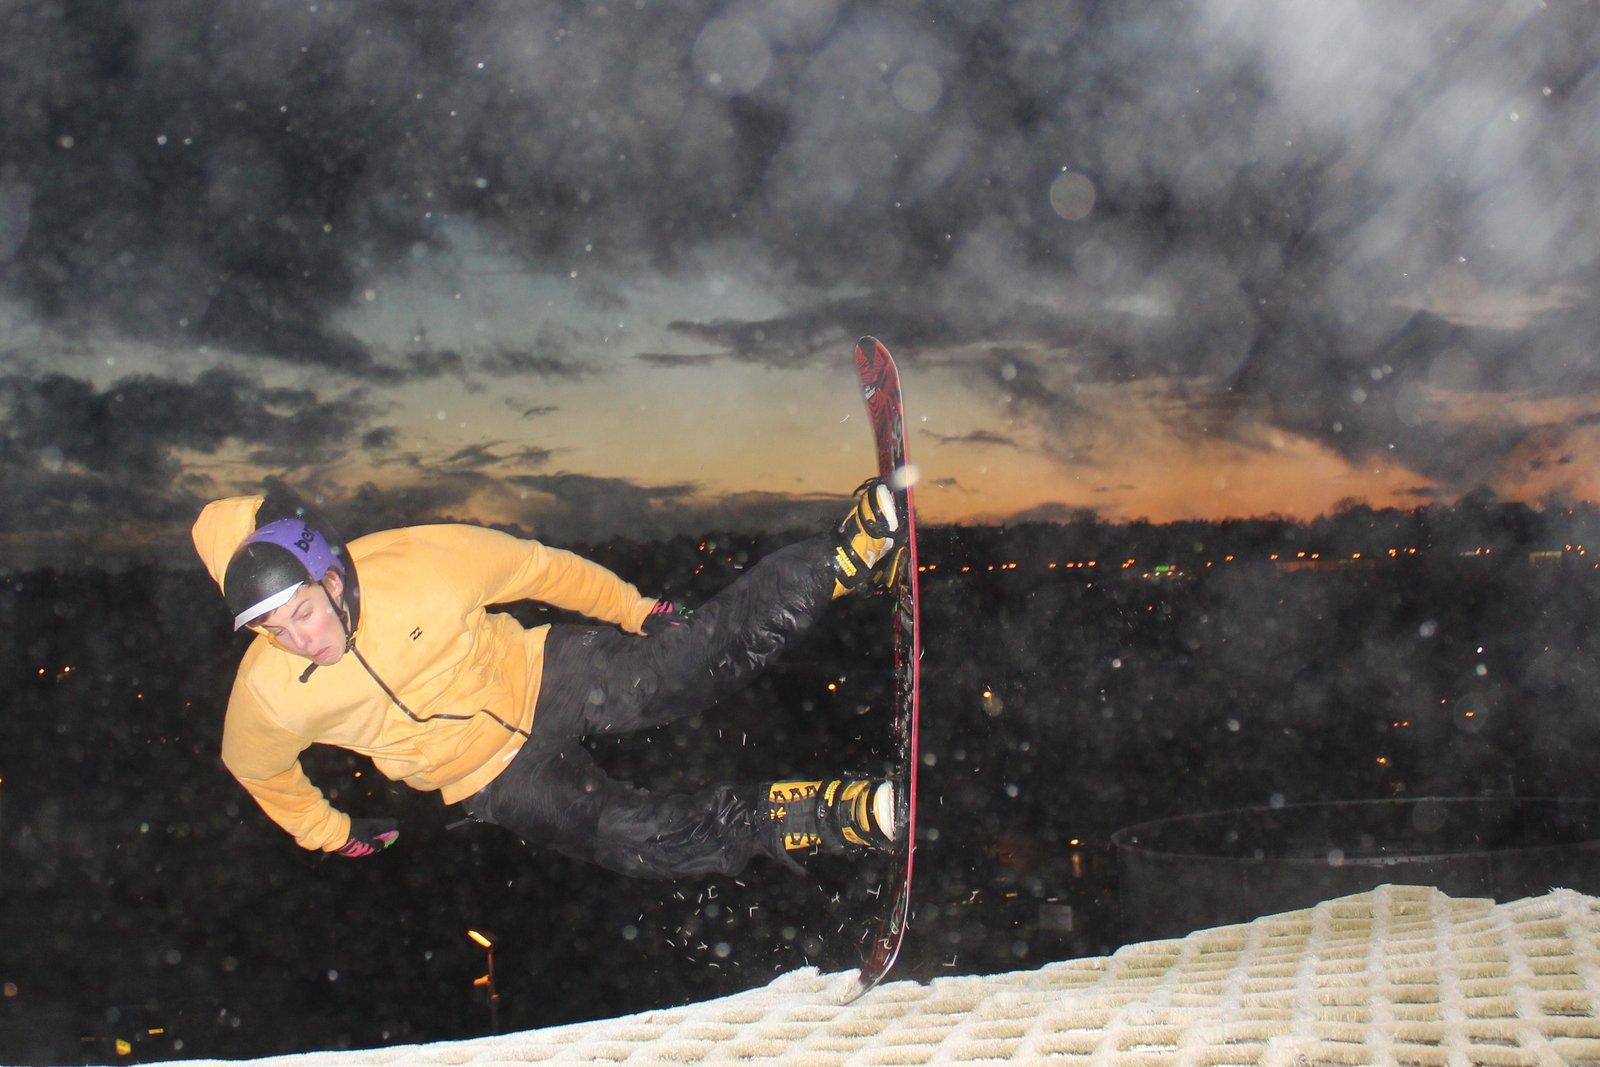 Gnarly snowboard crash